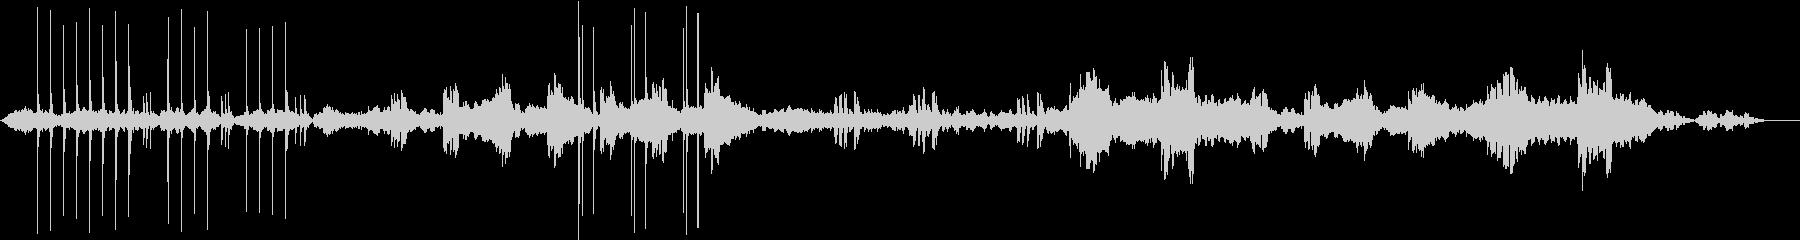 神聖な儀式の環境音楽の未再生の波形